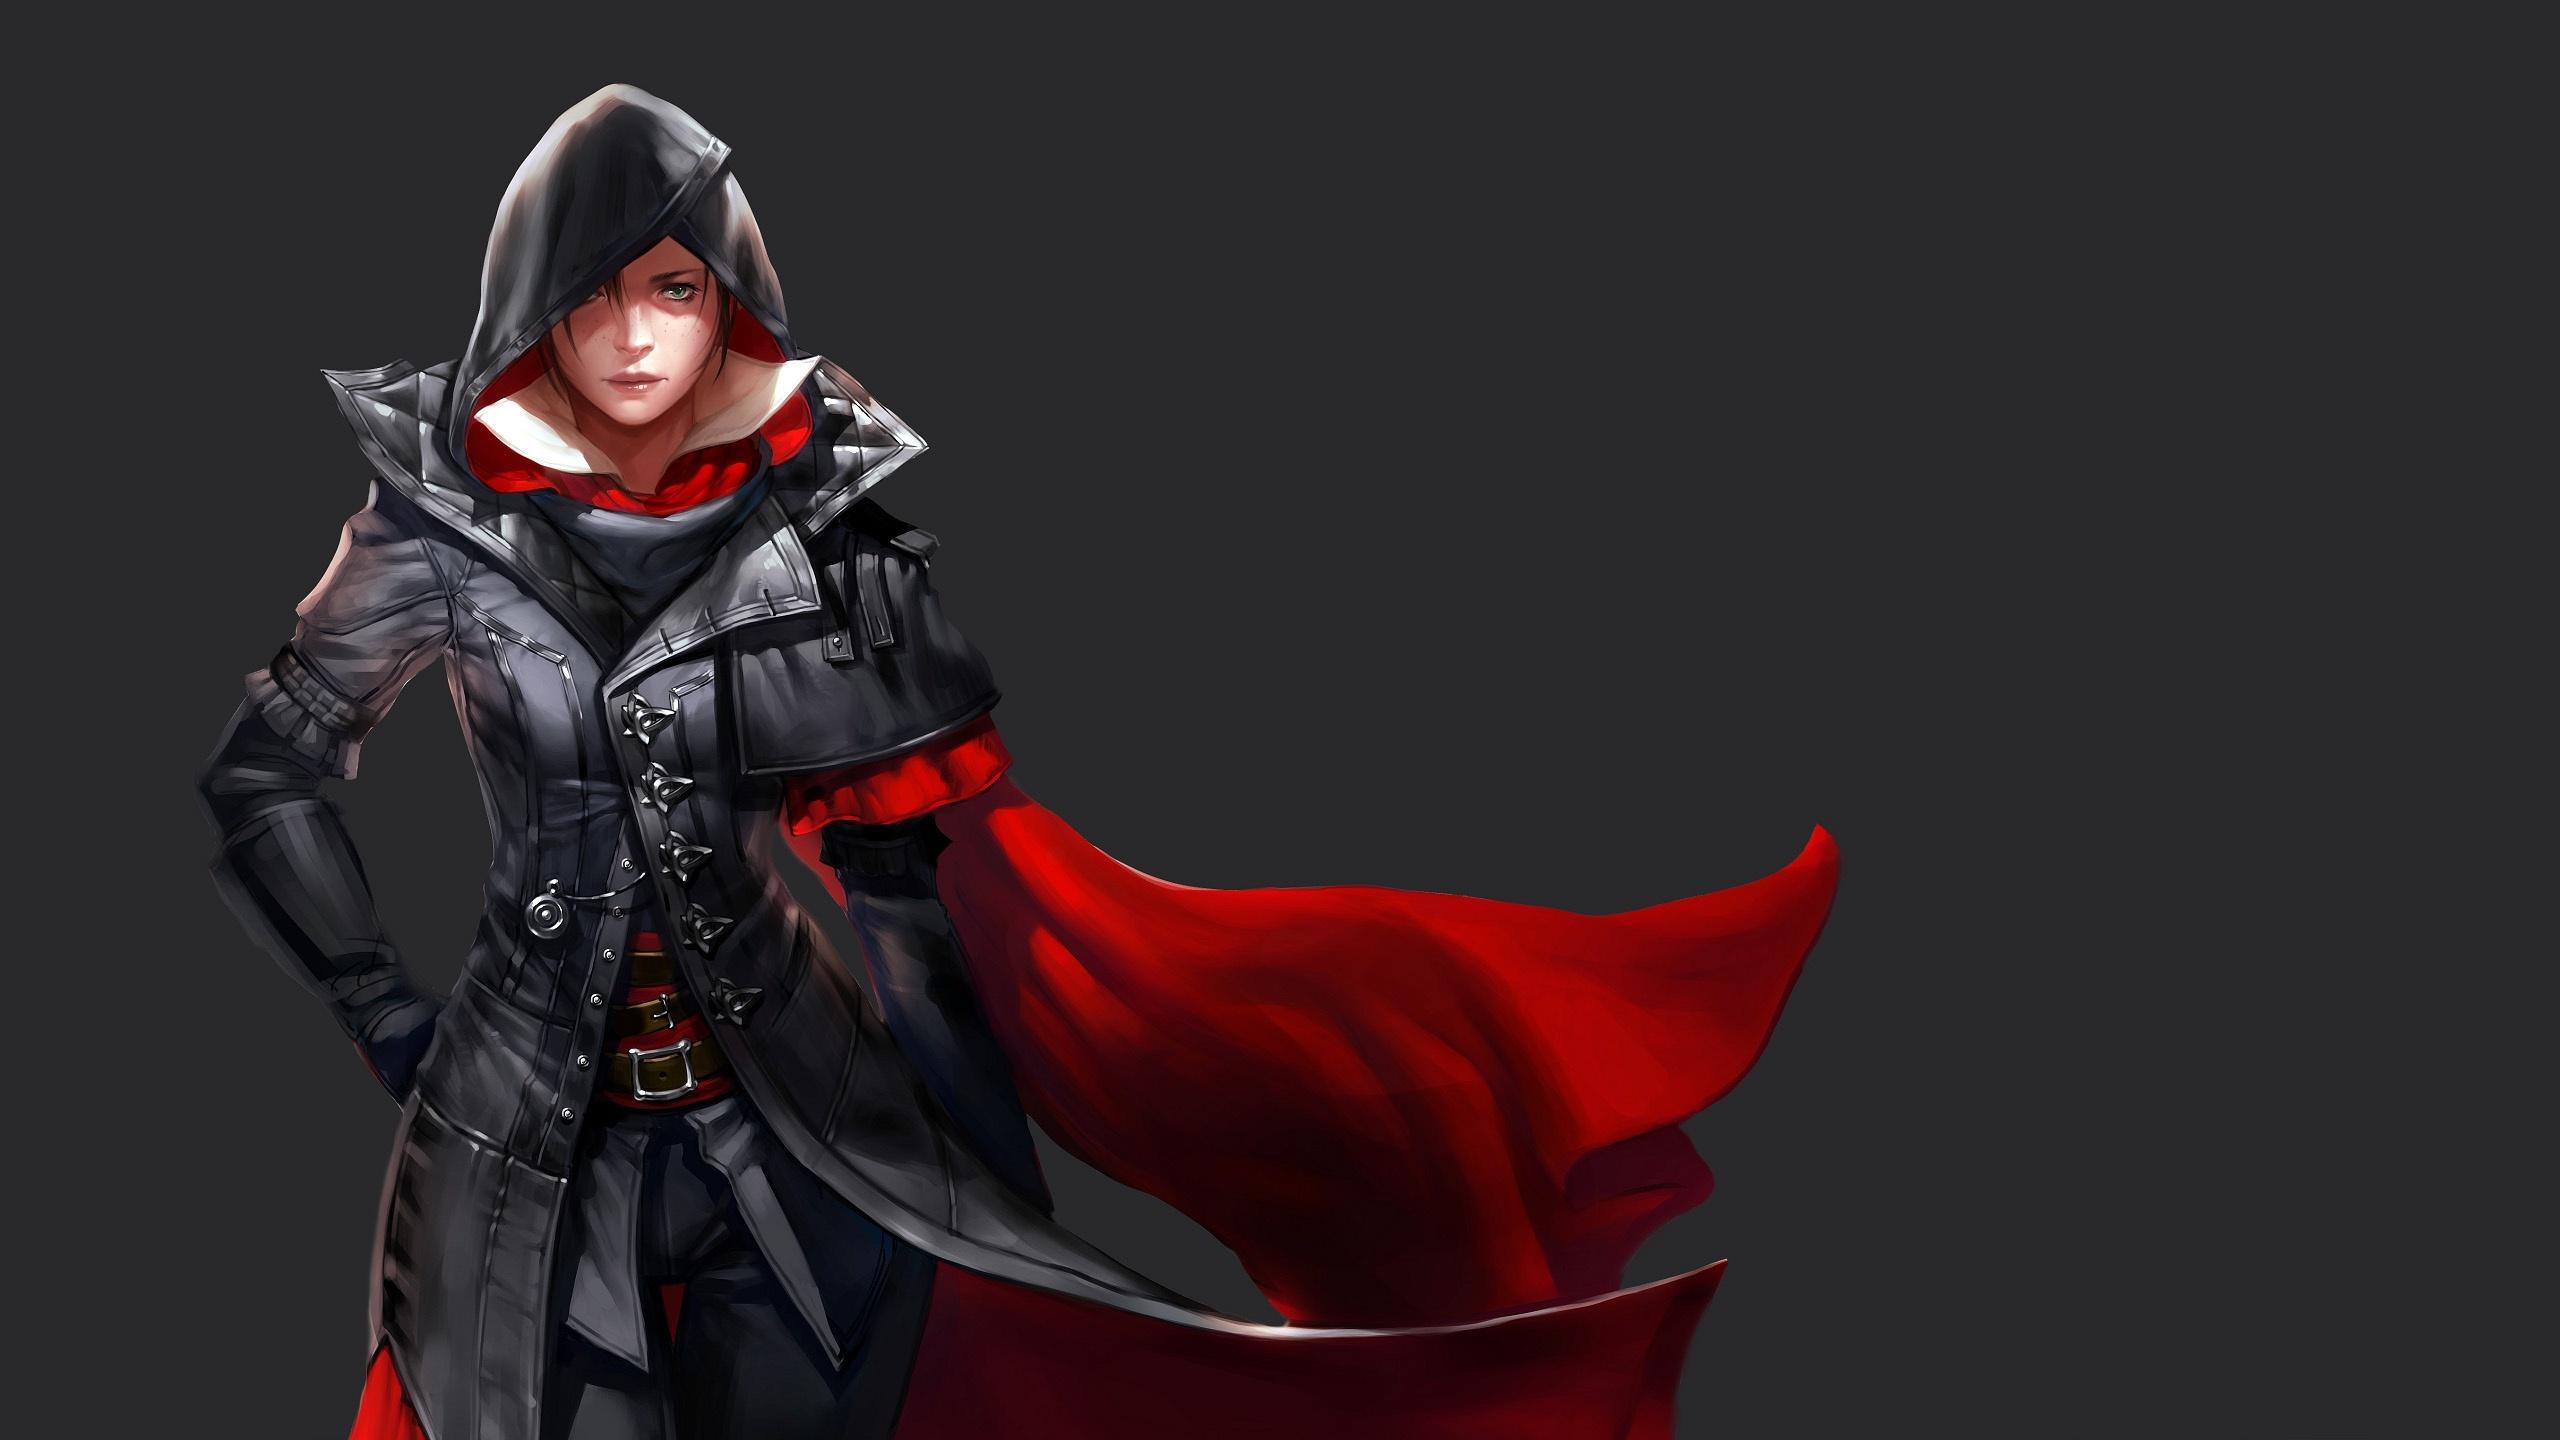 Assassin девушка обрез загрузить